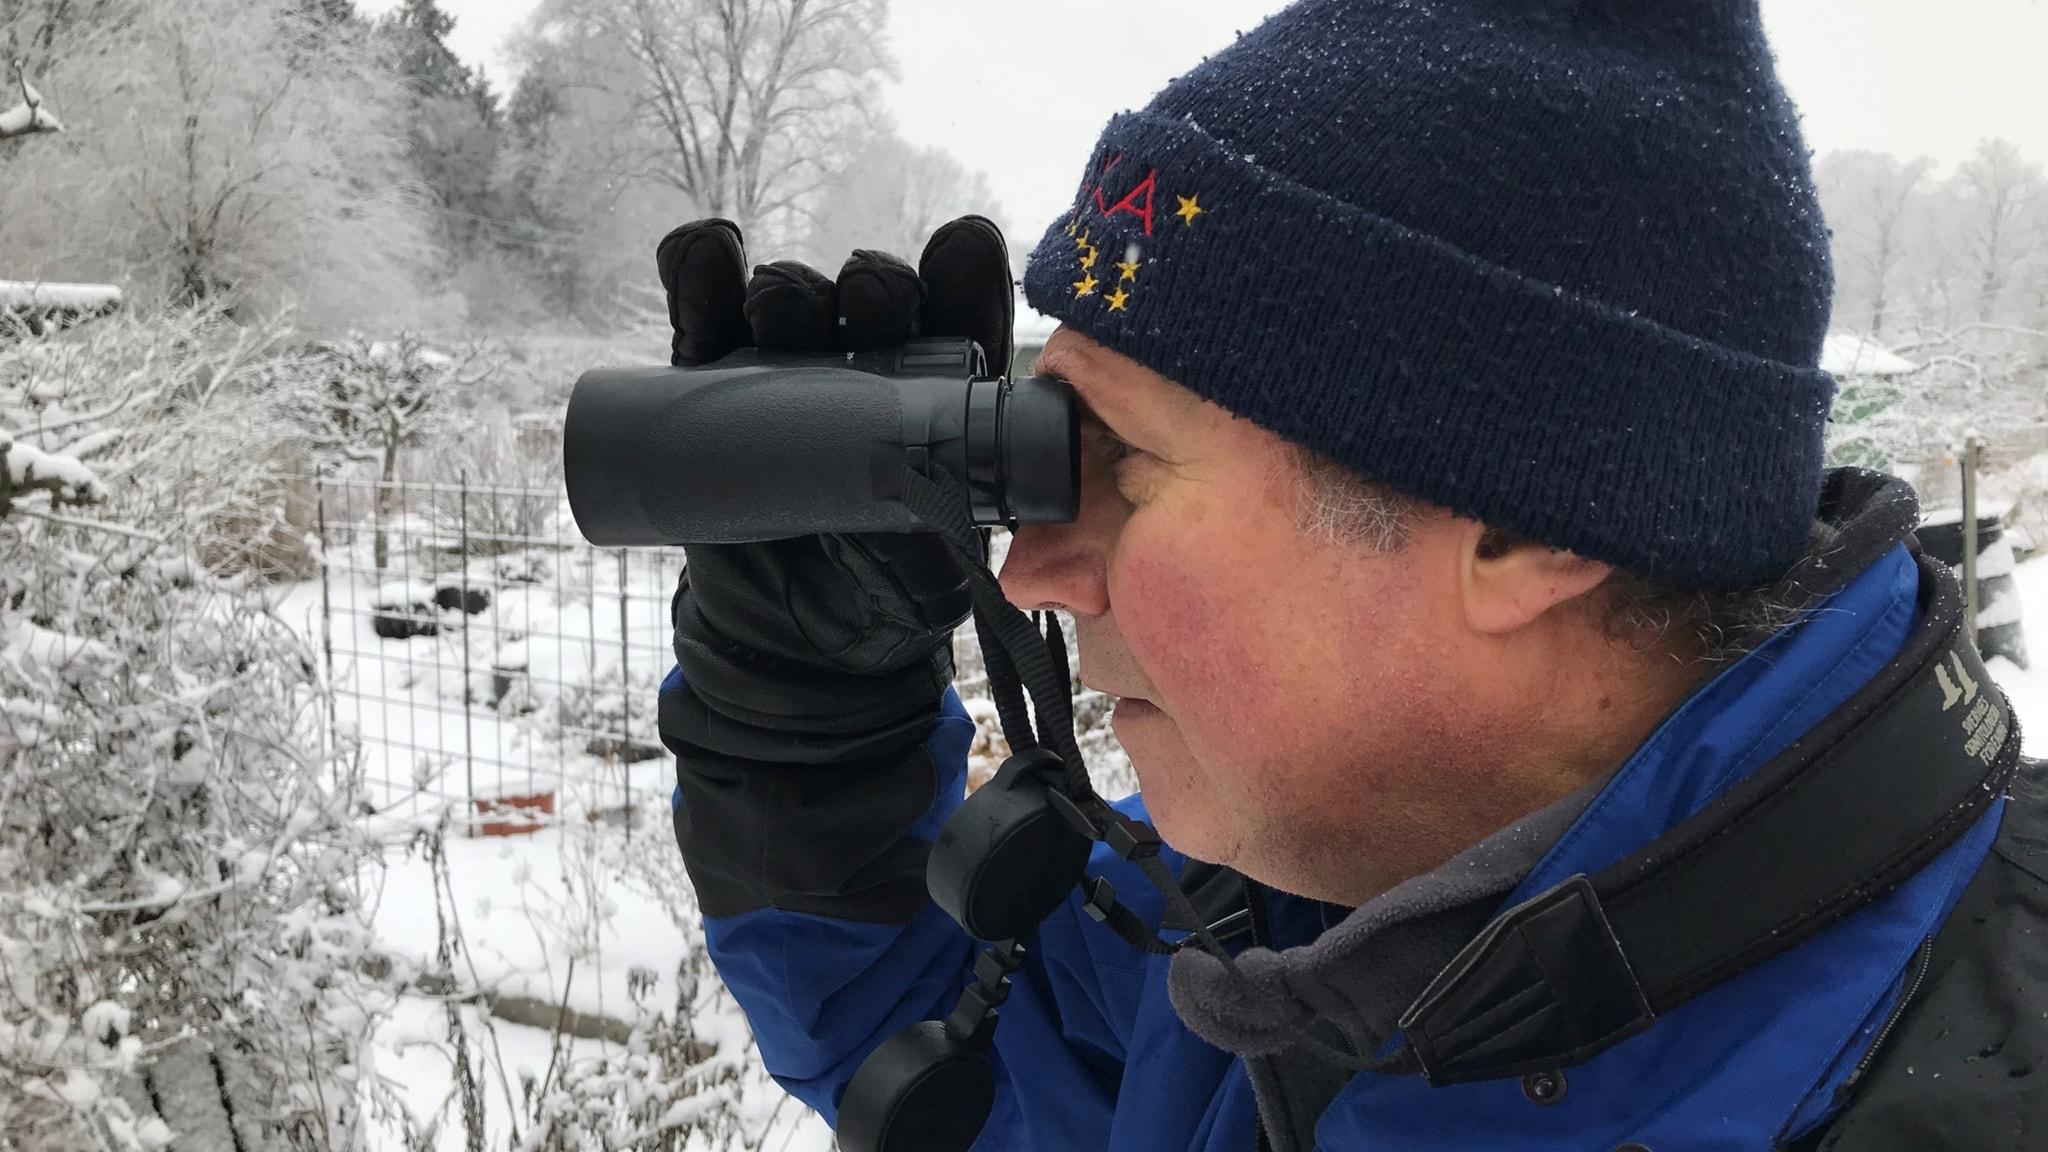 Vinterfågelräkning: Koltrasten blir vanligare